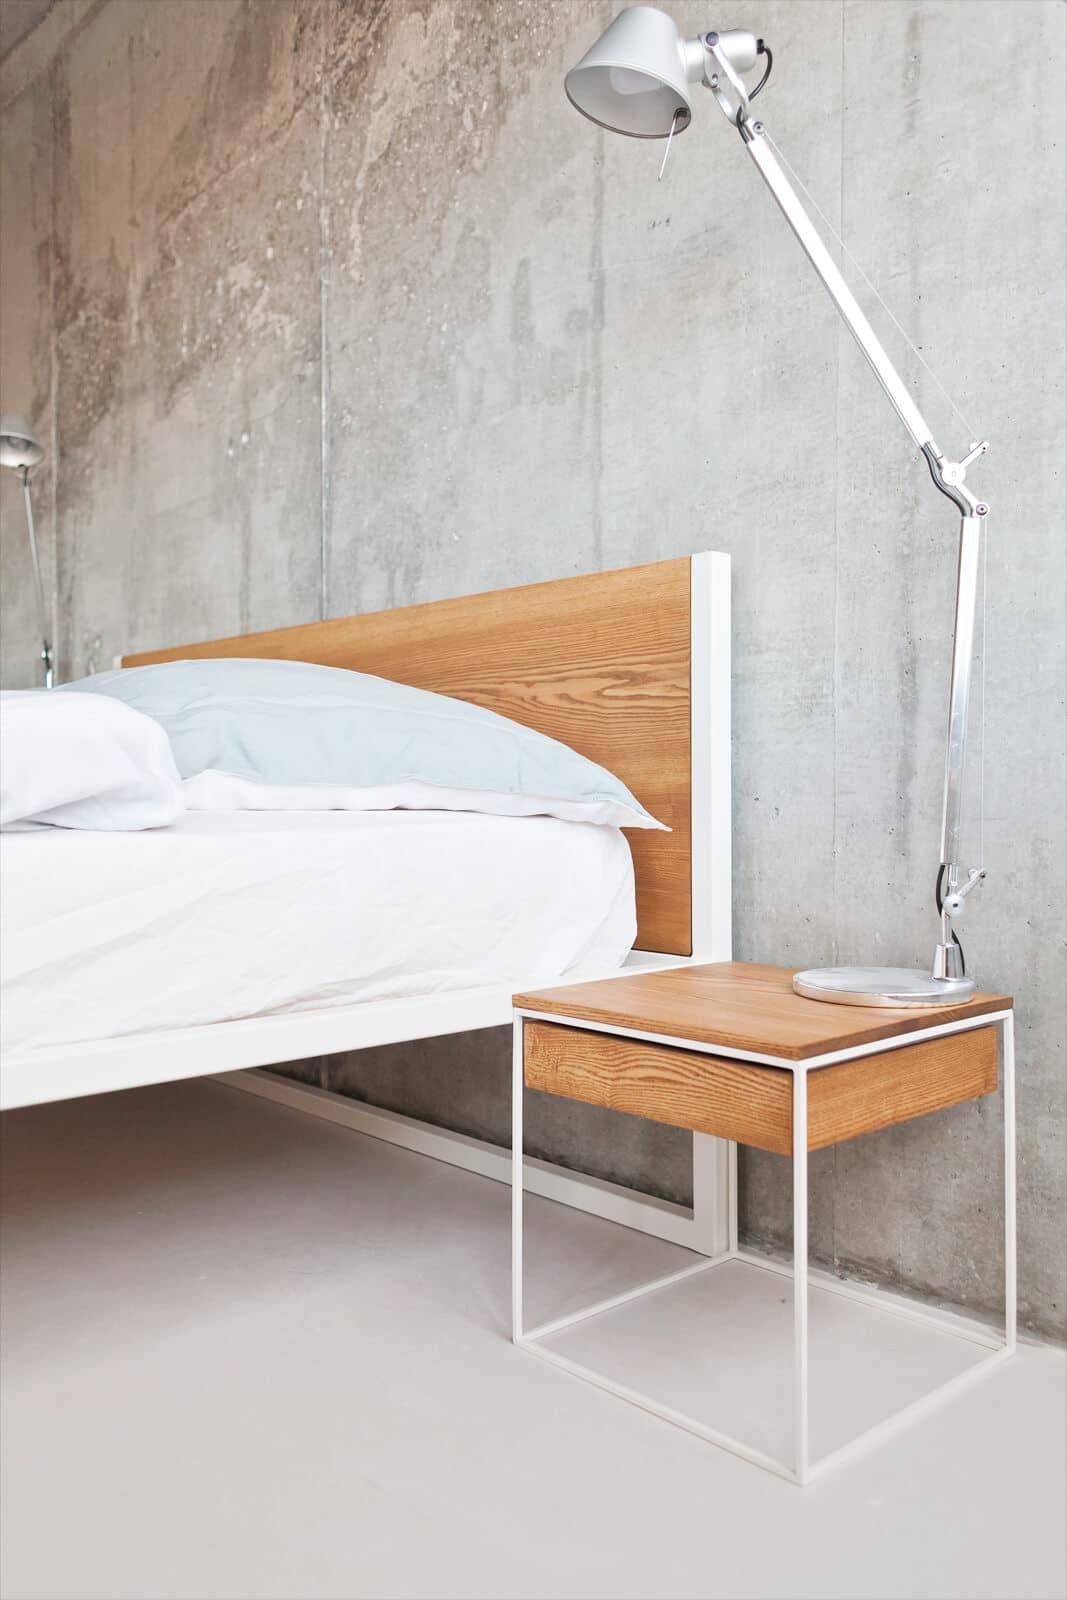 Full Size of Betten Design Holz Massivholz Bett Schlicht Beistelltisch Und Nachttisch N51e12 Manufacture Weißes 90x200 Holzregal Badezimmer De Für übergewichtige Hohe Wohnzimmer Bett Design Holz